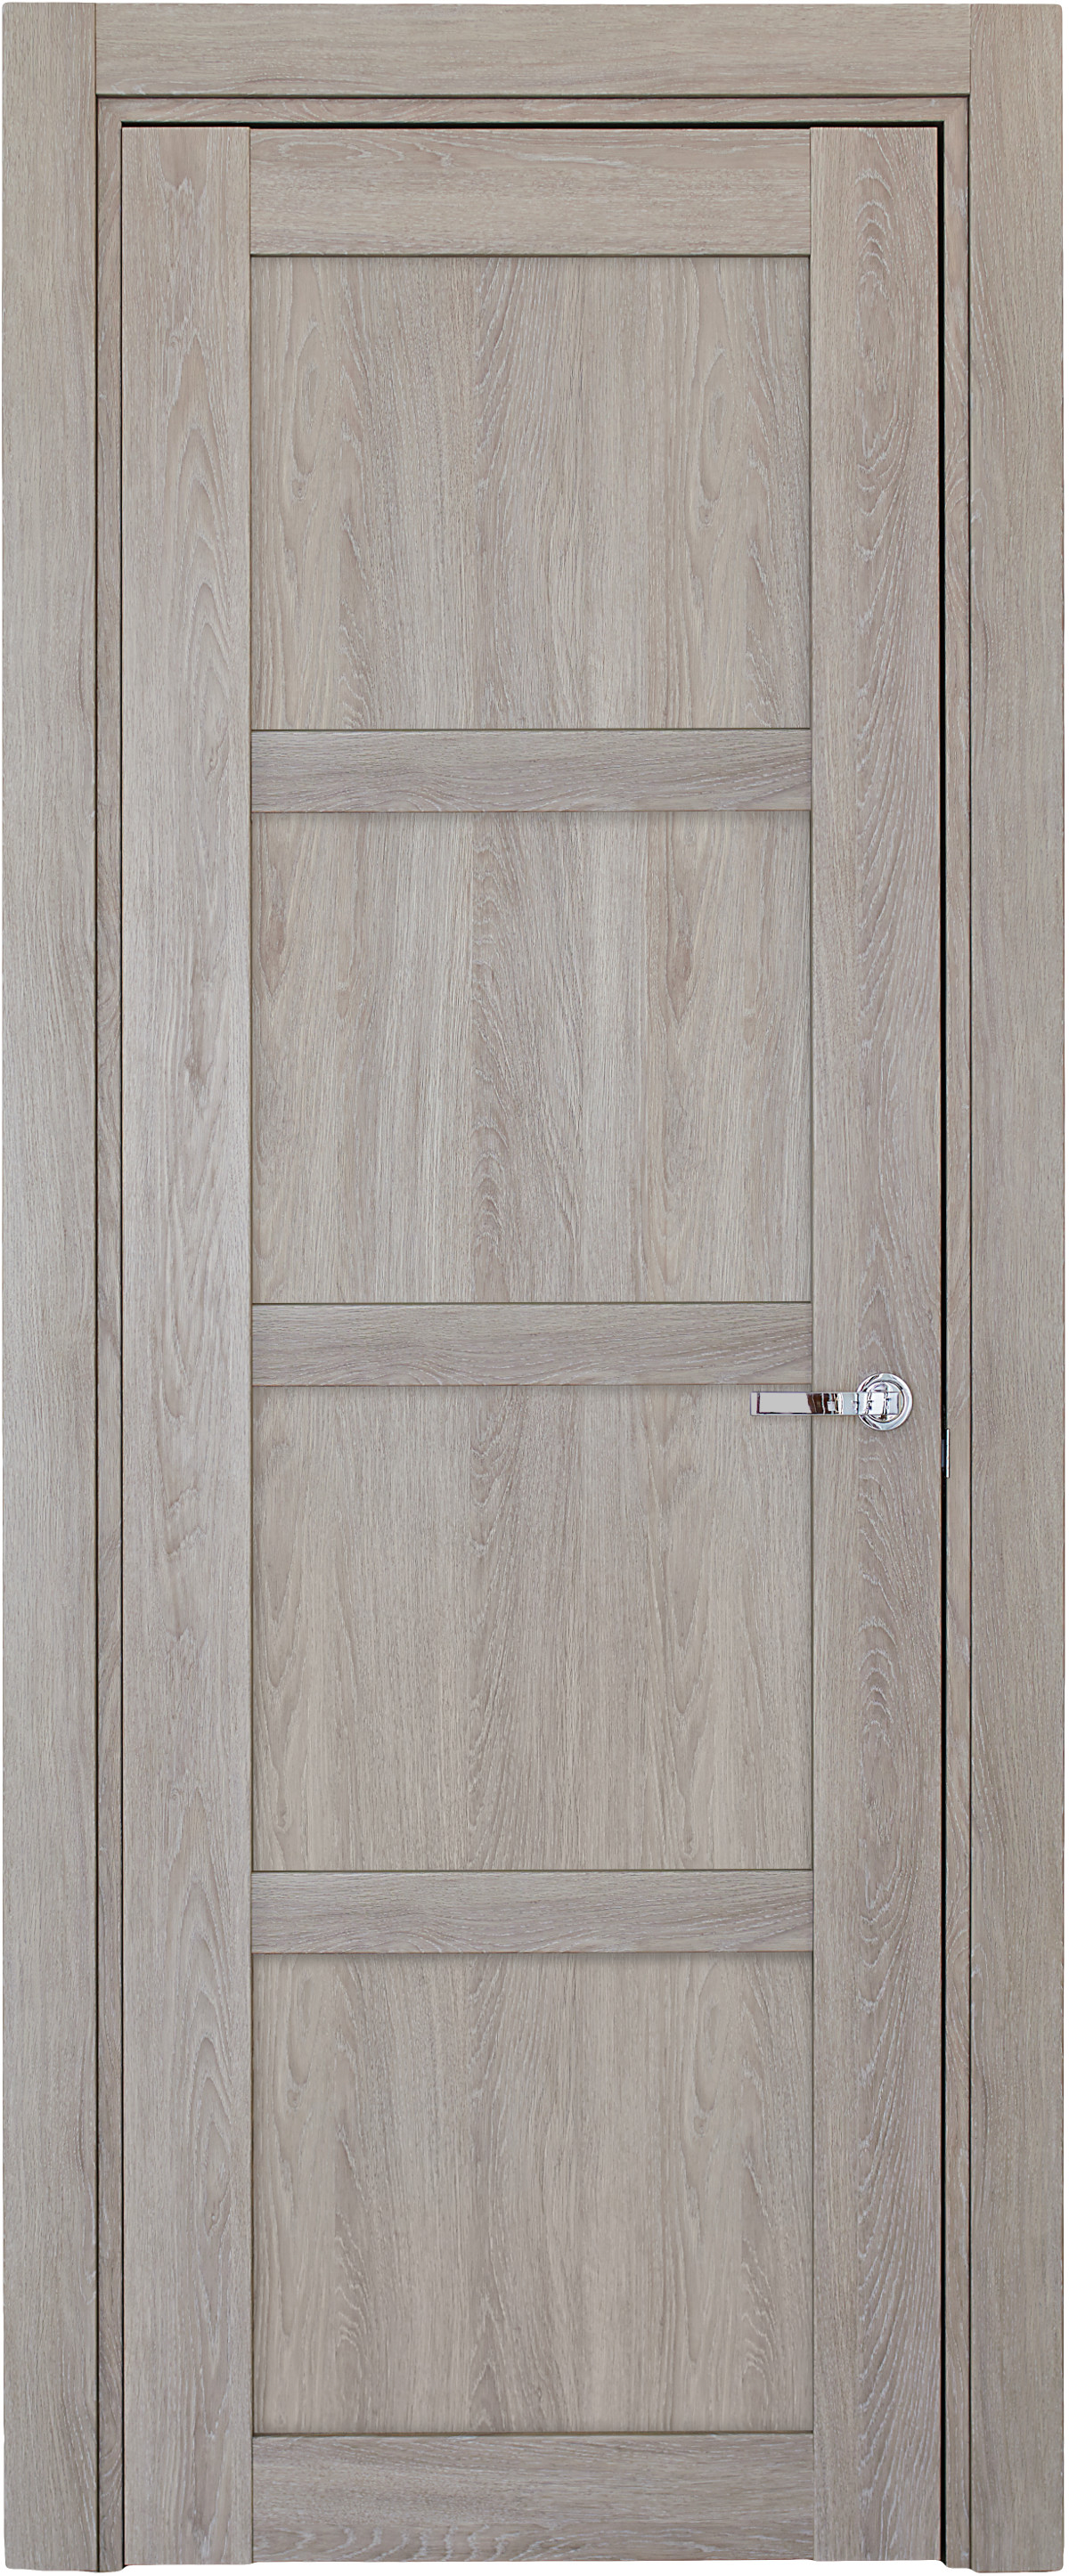 door45